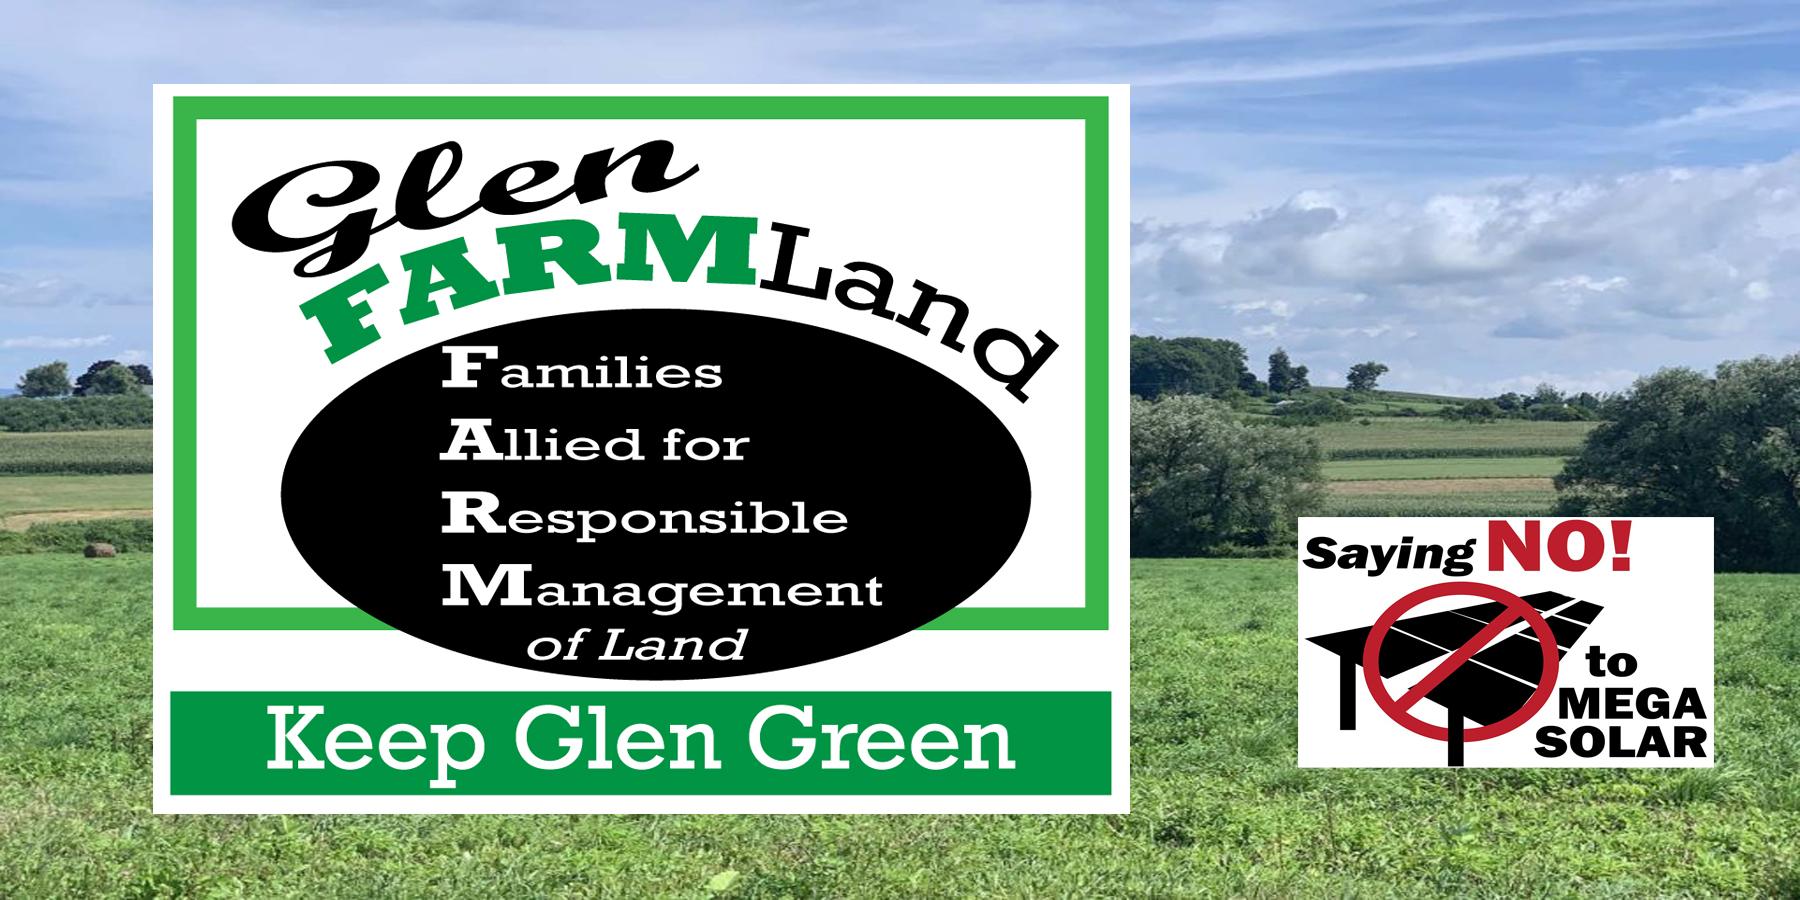 Glen FARMLand organizational meeting @  |  |  |